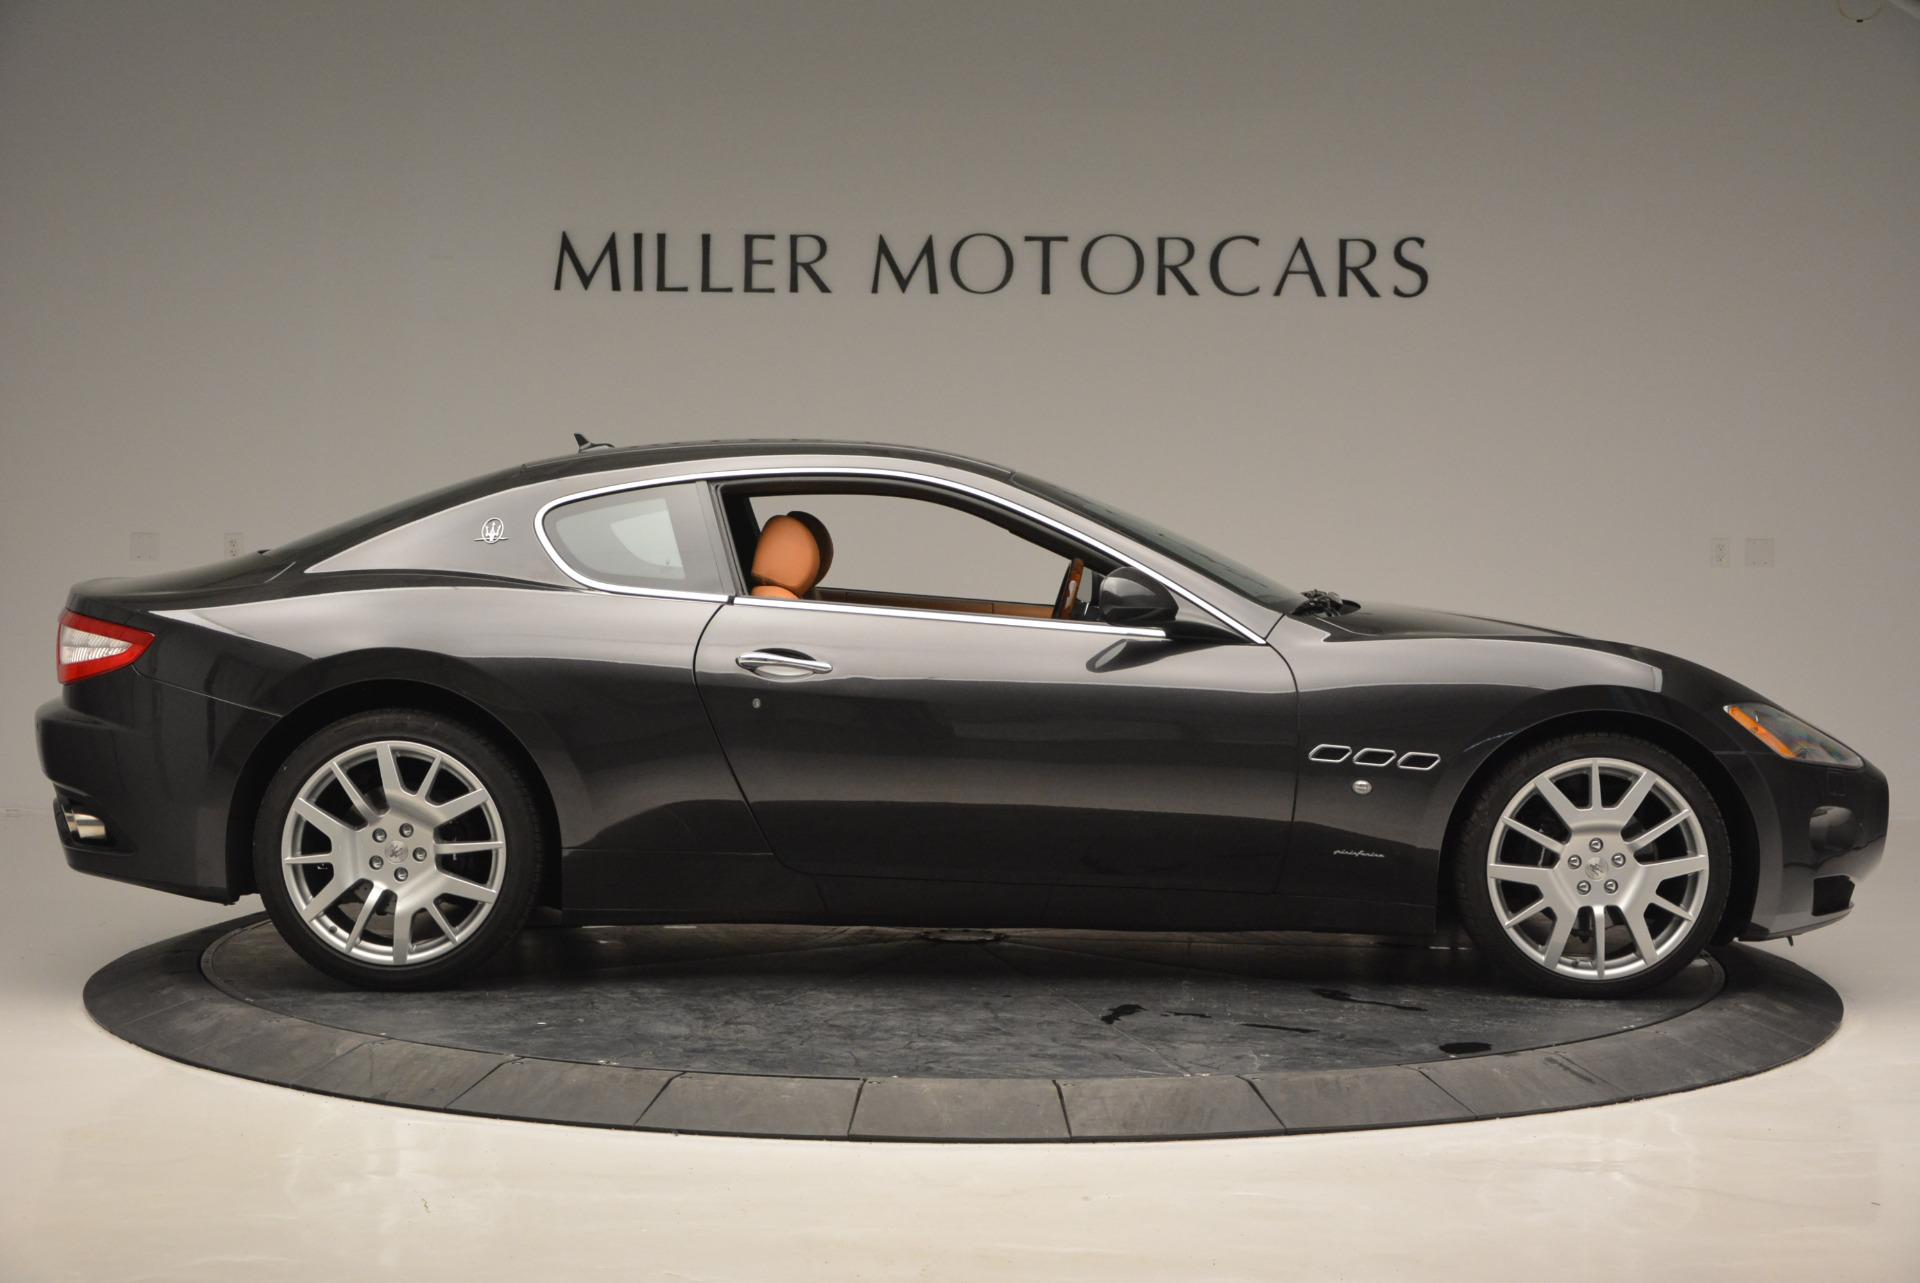 Used 2011 Maserati GranTurismo  For Sale In Greenwich, CT. Alfa Romeo of Greenwich, 7128 816_p9